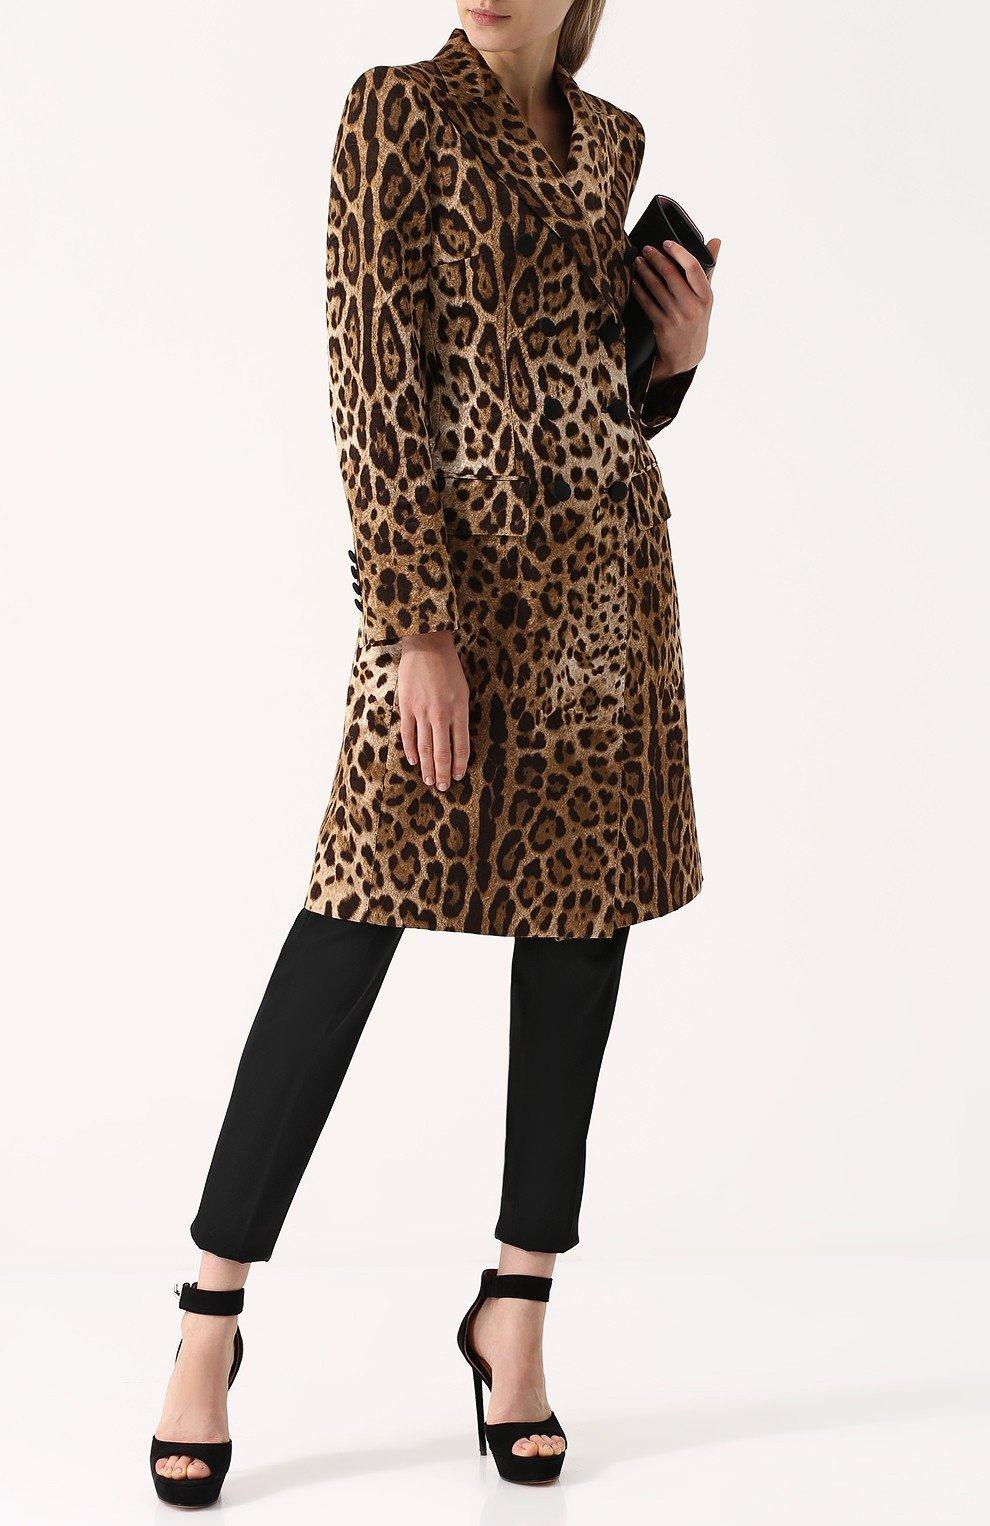 модные образы весна 2019: леопардовое пальто и темные брюки